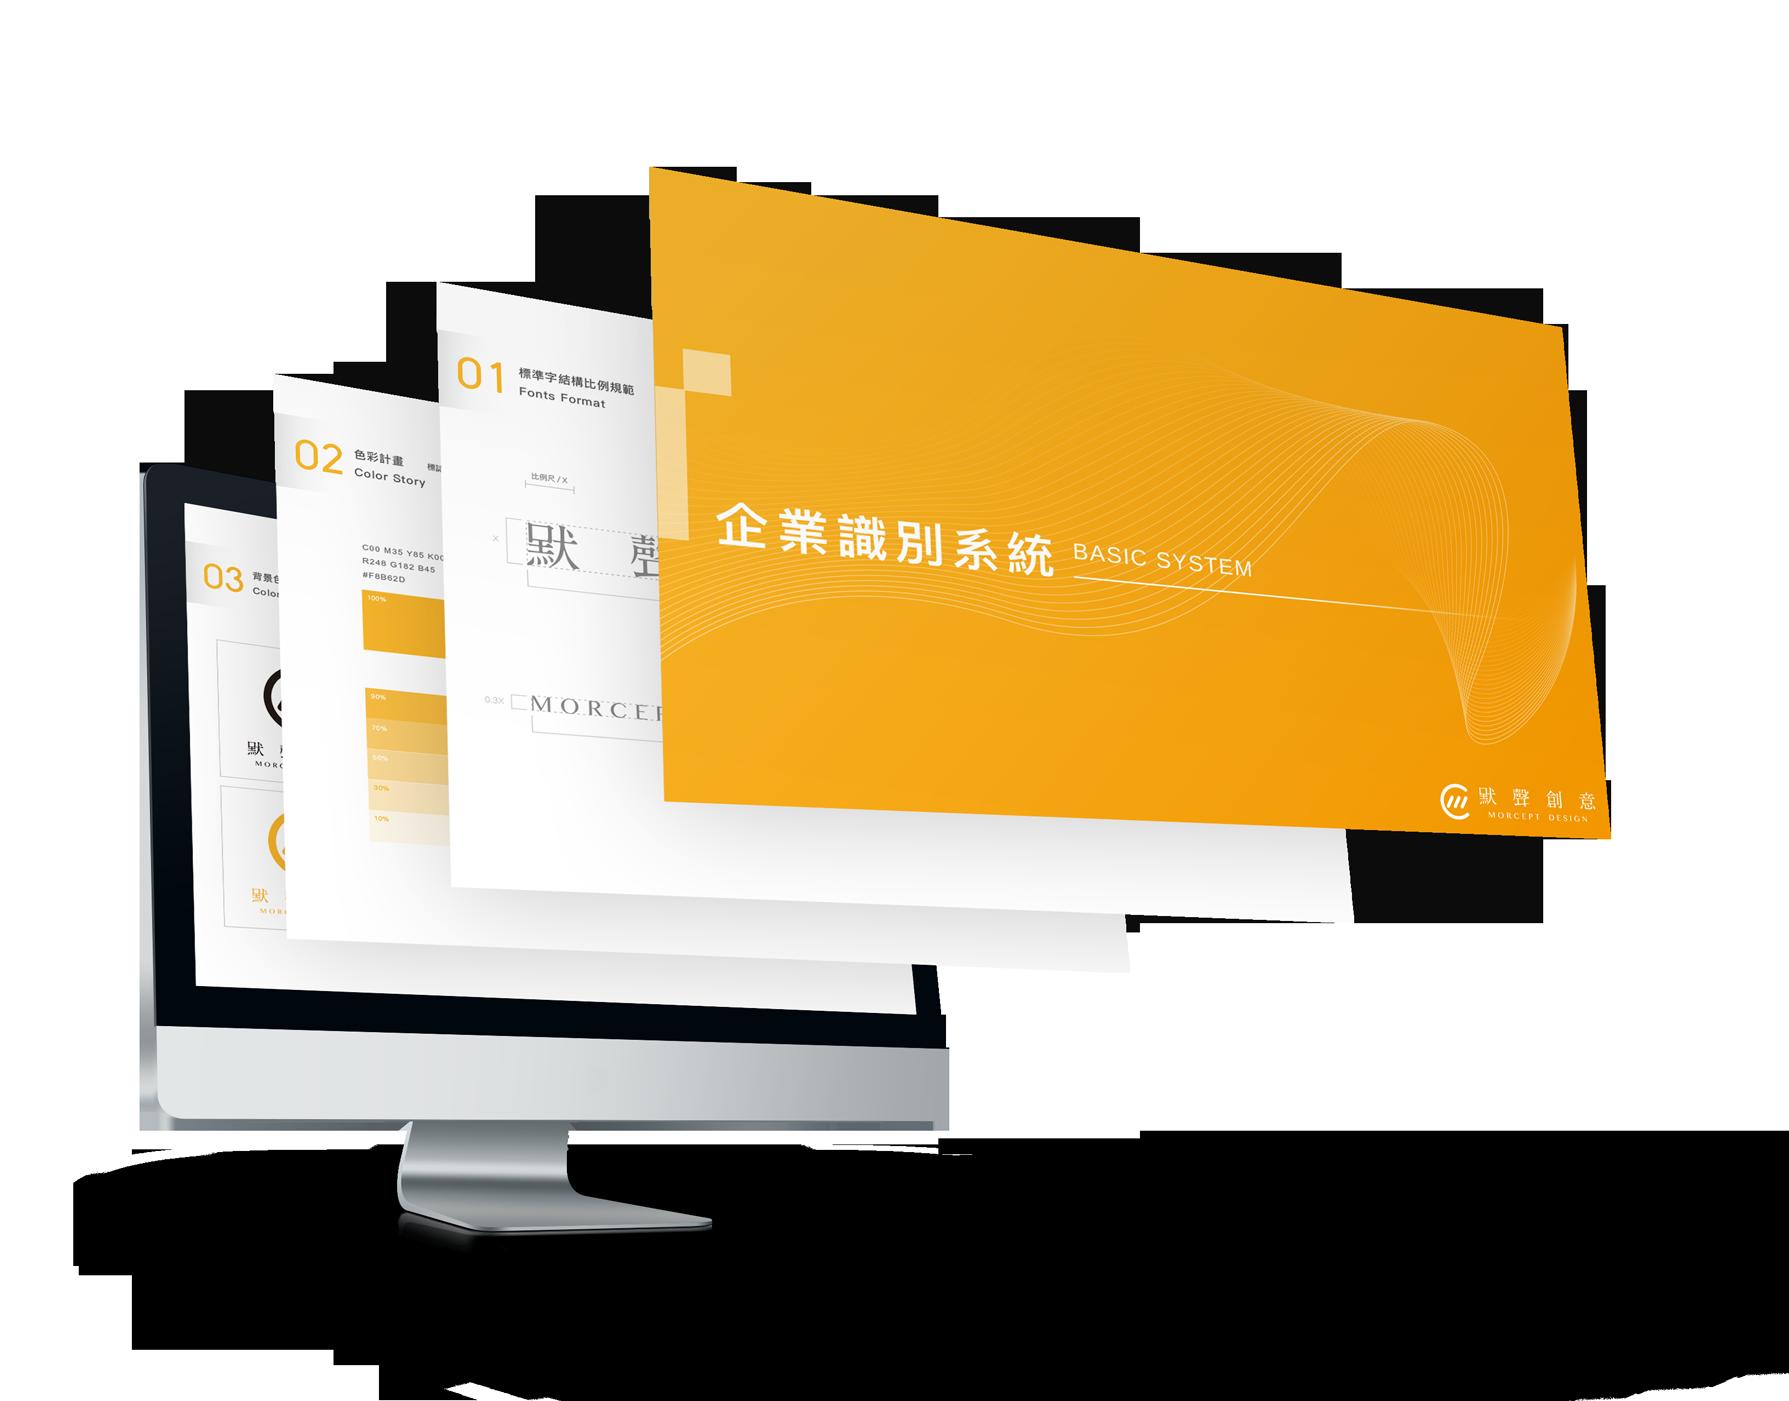 cis大圖-1-官方網頁設計,官方網站設計, 品牌網站設計, 網站設計, 網頁設計, 響應式網頁設計, 公司網站設計, 公司網站, 產品網站, LOGO設計, 設計LOGO, 設計品牌, 創意設計, 品牌設計, 商標設計, 平面設計, 視覺設計, 名片設計, 產品設計, 包裝設計, 網頁設計, 網站設計, CIS企業識別設計, CIS, LOGO, DESIGN, brochure, Flyercis大圖-1_網站設計_網頁設計_響應式網頁設計_公司網站設計_公司網站_產品網站_LOGO設計_設計LOGO_設計品牌_創意設計_品牌設計_商標設計_平面設計_視覺設計_名片設計_產品設計_包裝設計_網頁設計_網站設計_CIS企業識別設計_CIS_LOGO_DESIGN_brochure_Flyer